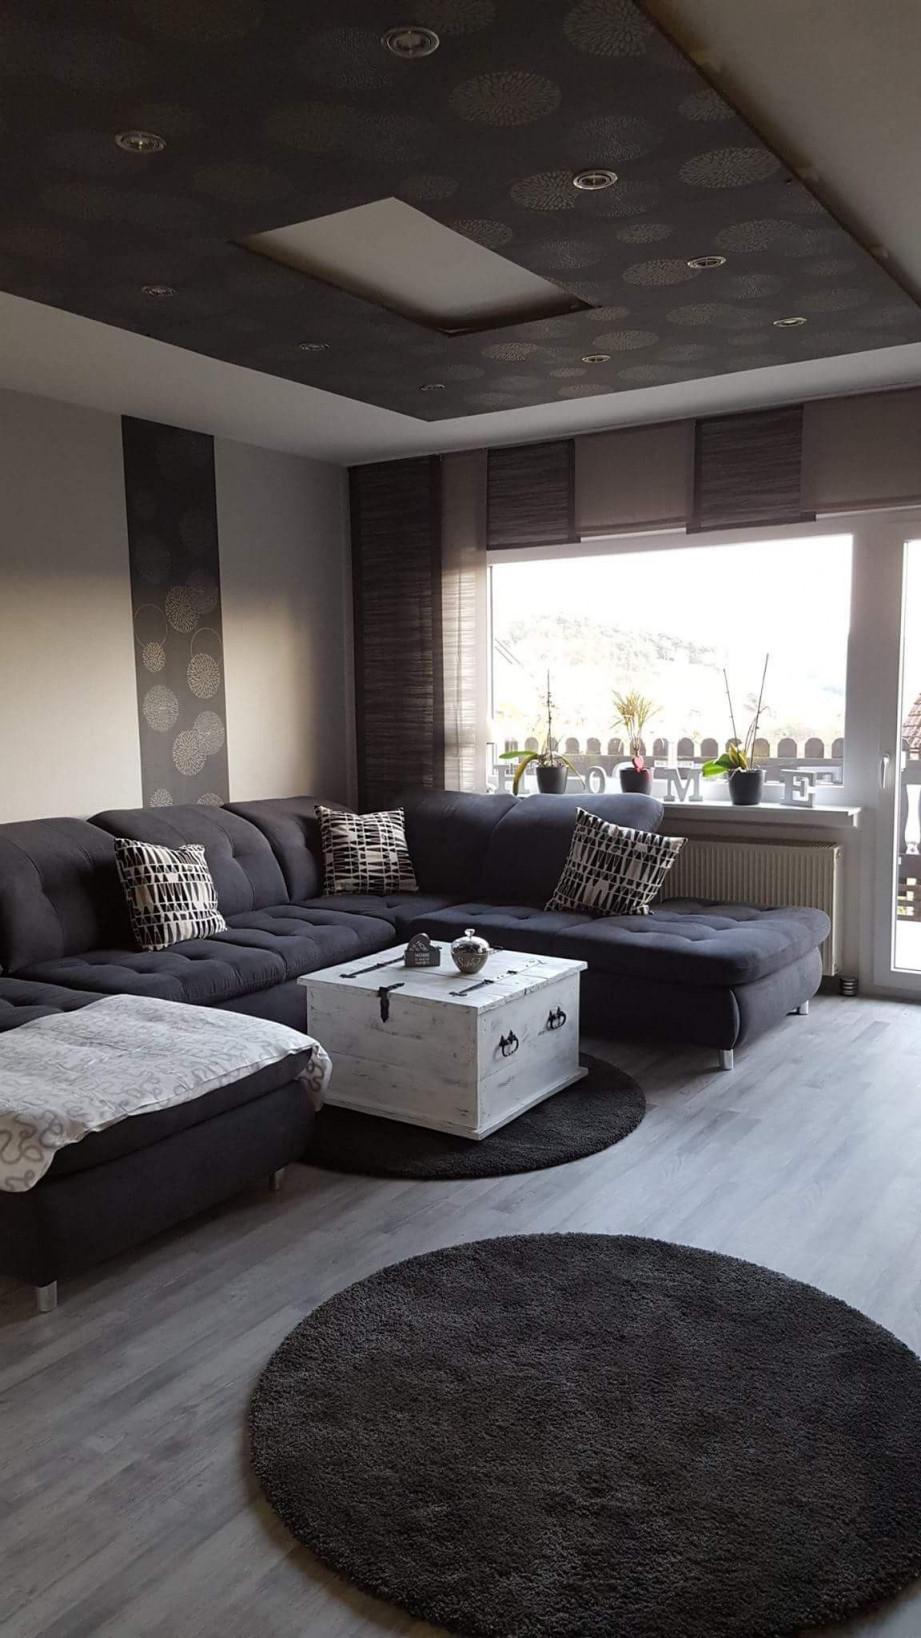 Verfuhrerisch Wohnzimmer In Grau Einrichten Beige Ideen von Wohnzimmer Einrichten Grau Bild